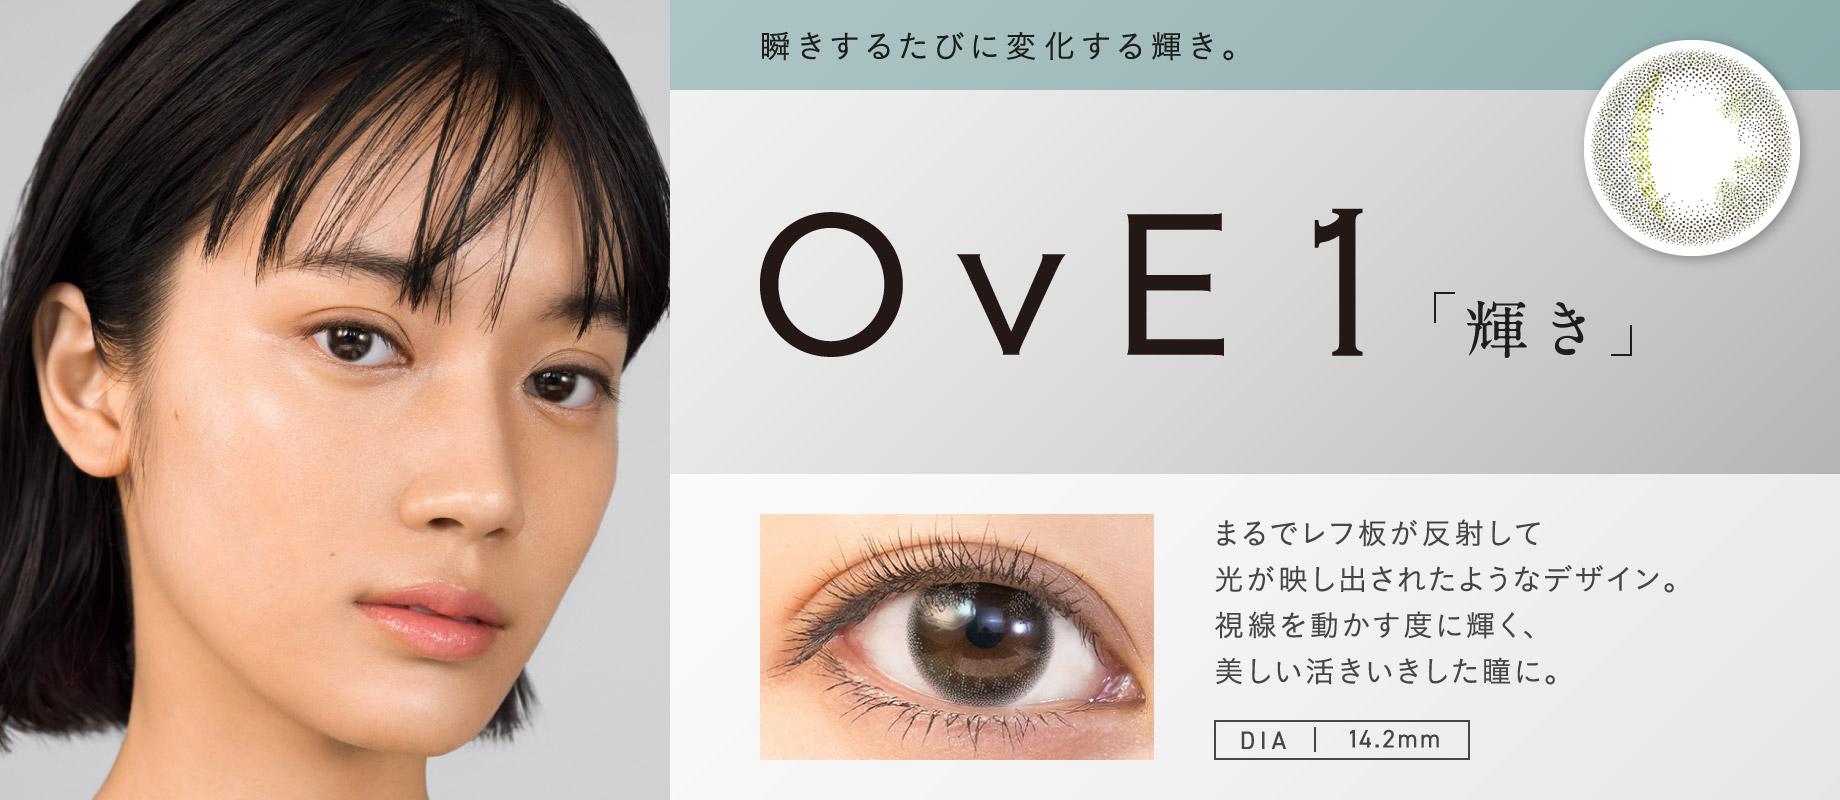 オヴィ114